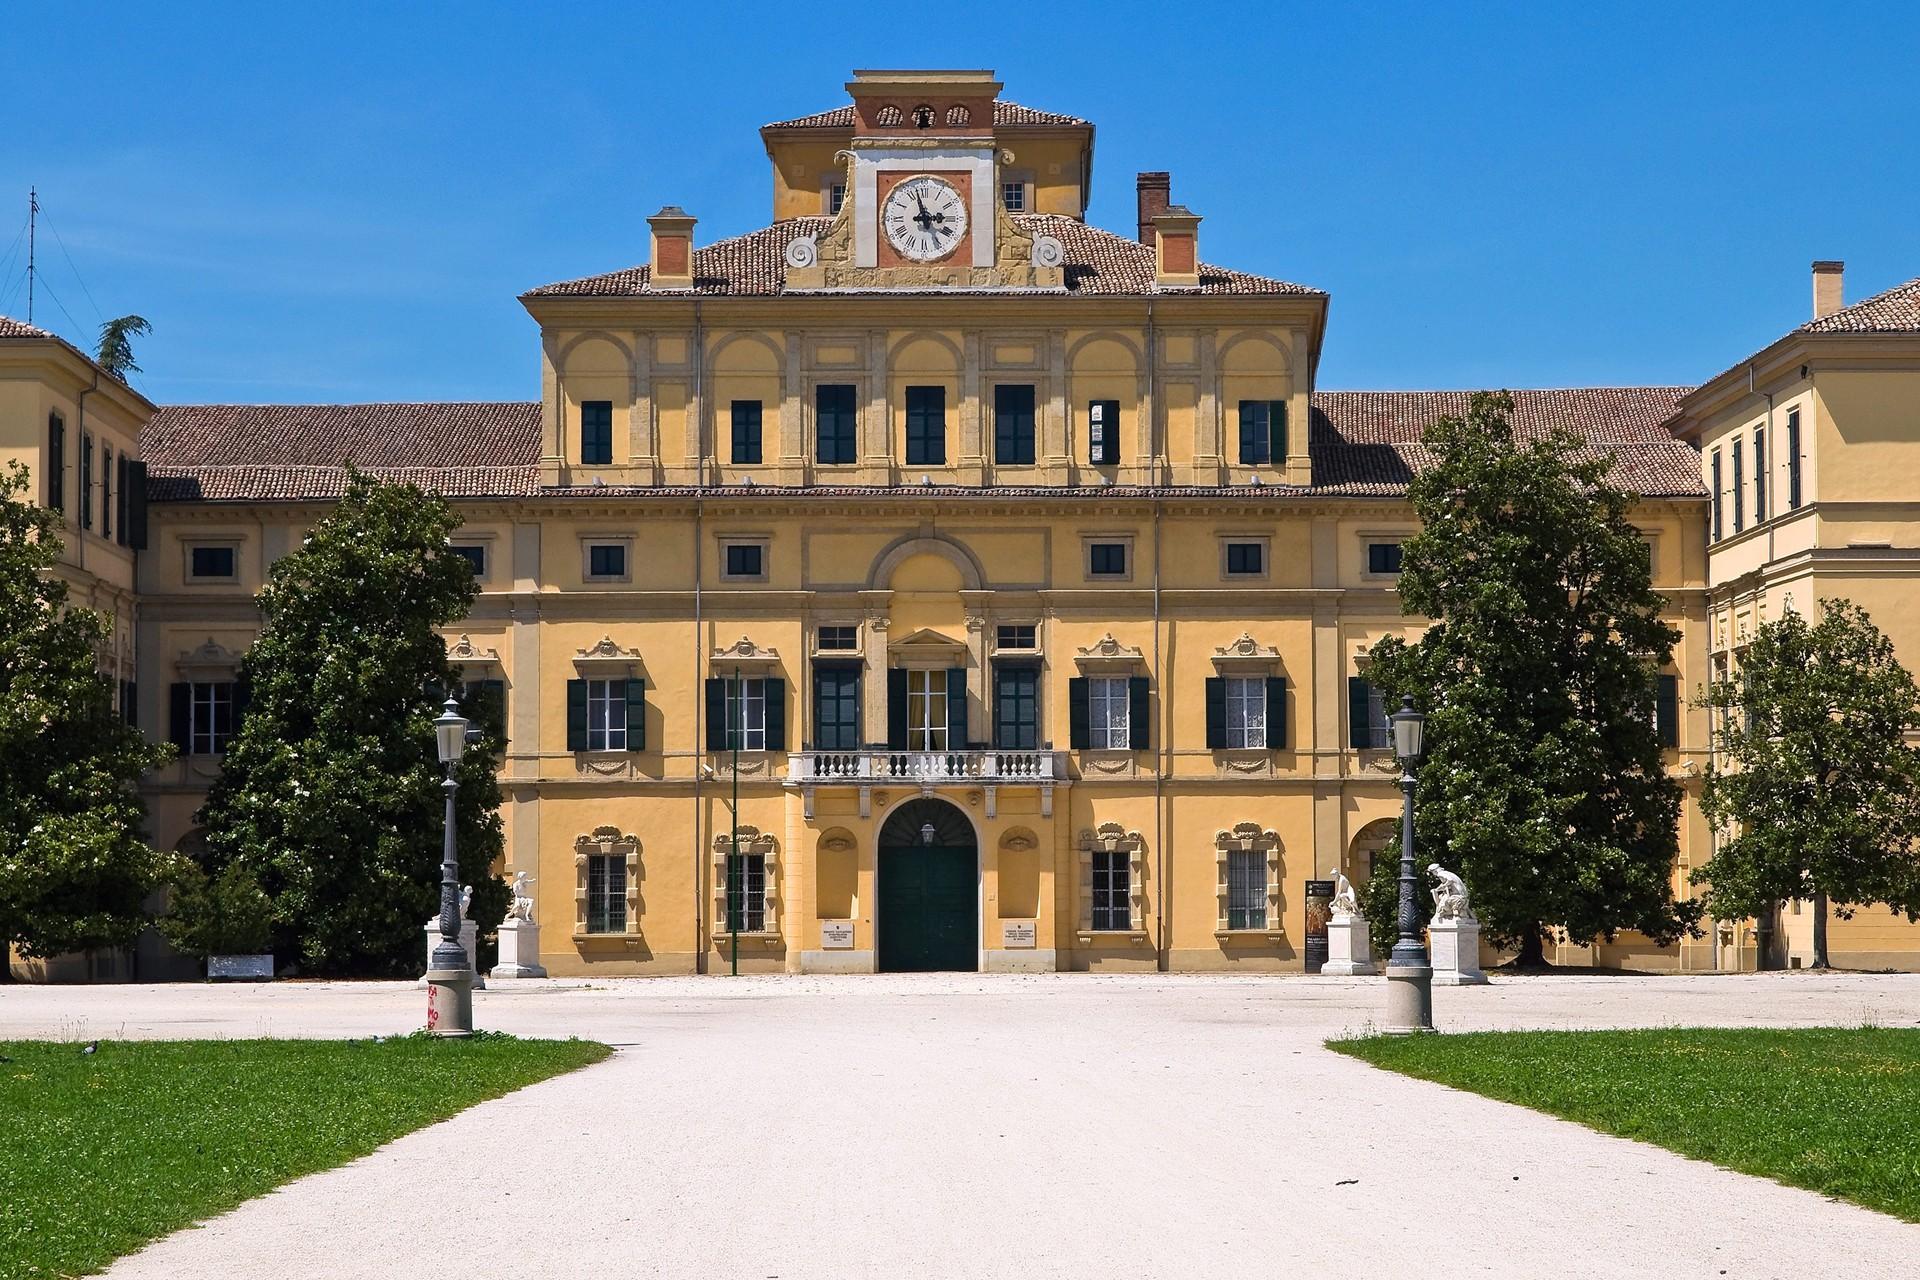 Parma